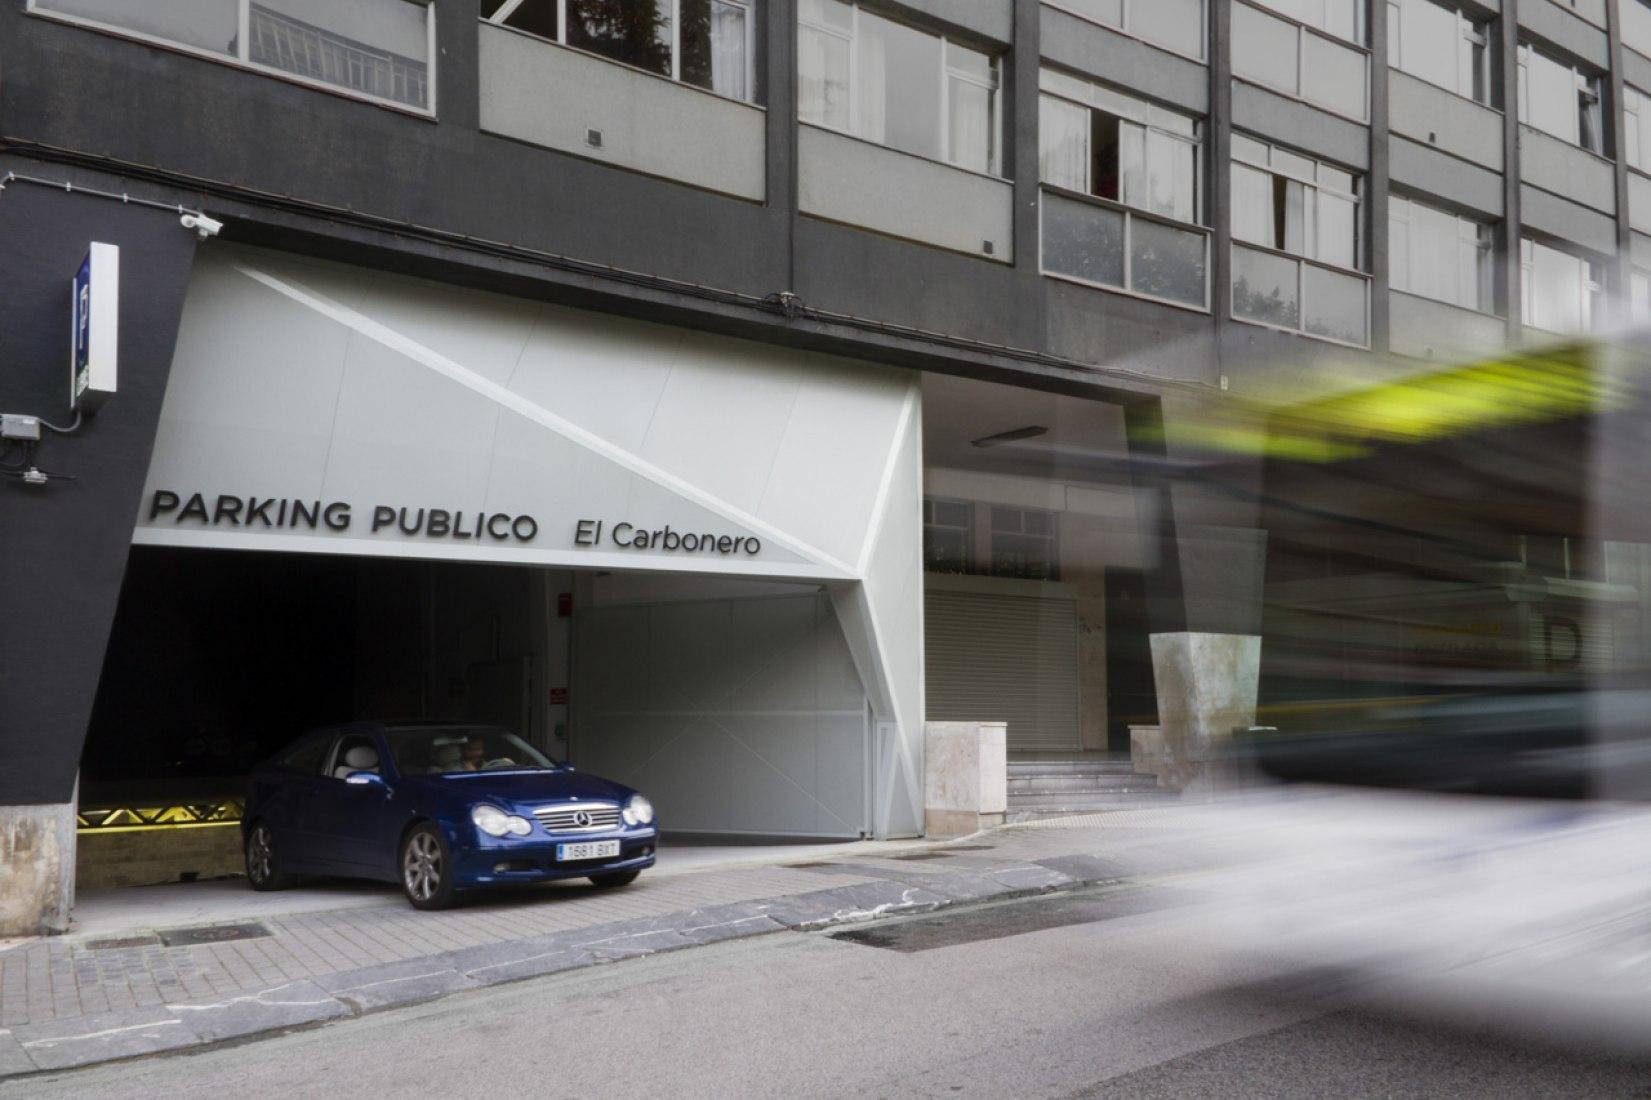 Entrada. Parking público El Carbonero por CiO estudio. Fotografía © Daniel Ojanguren.